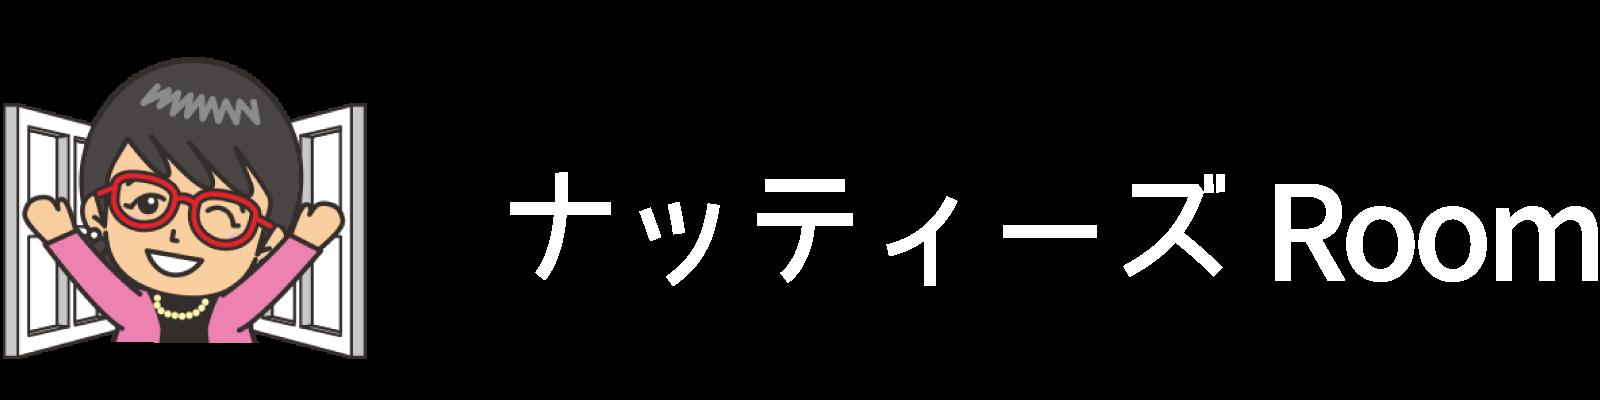 ナッティーズRoom